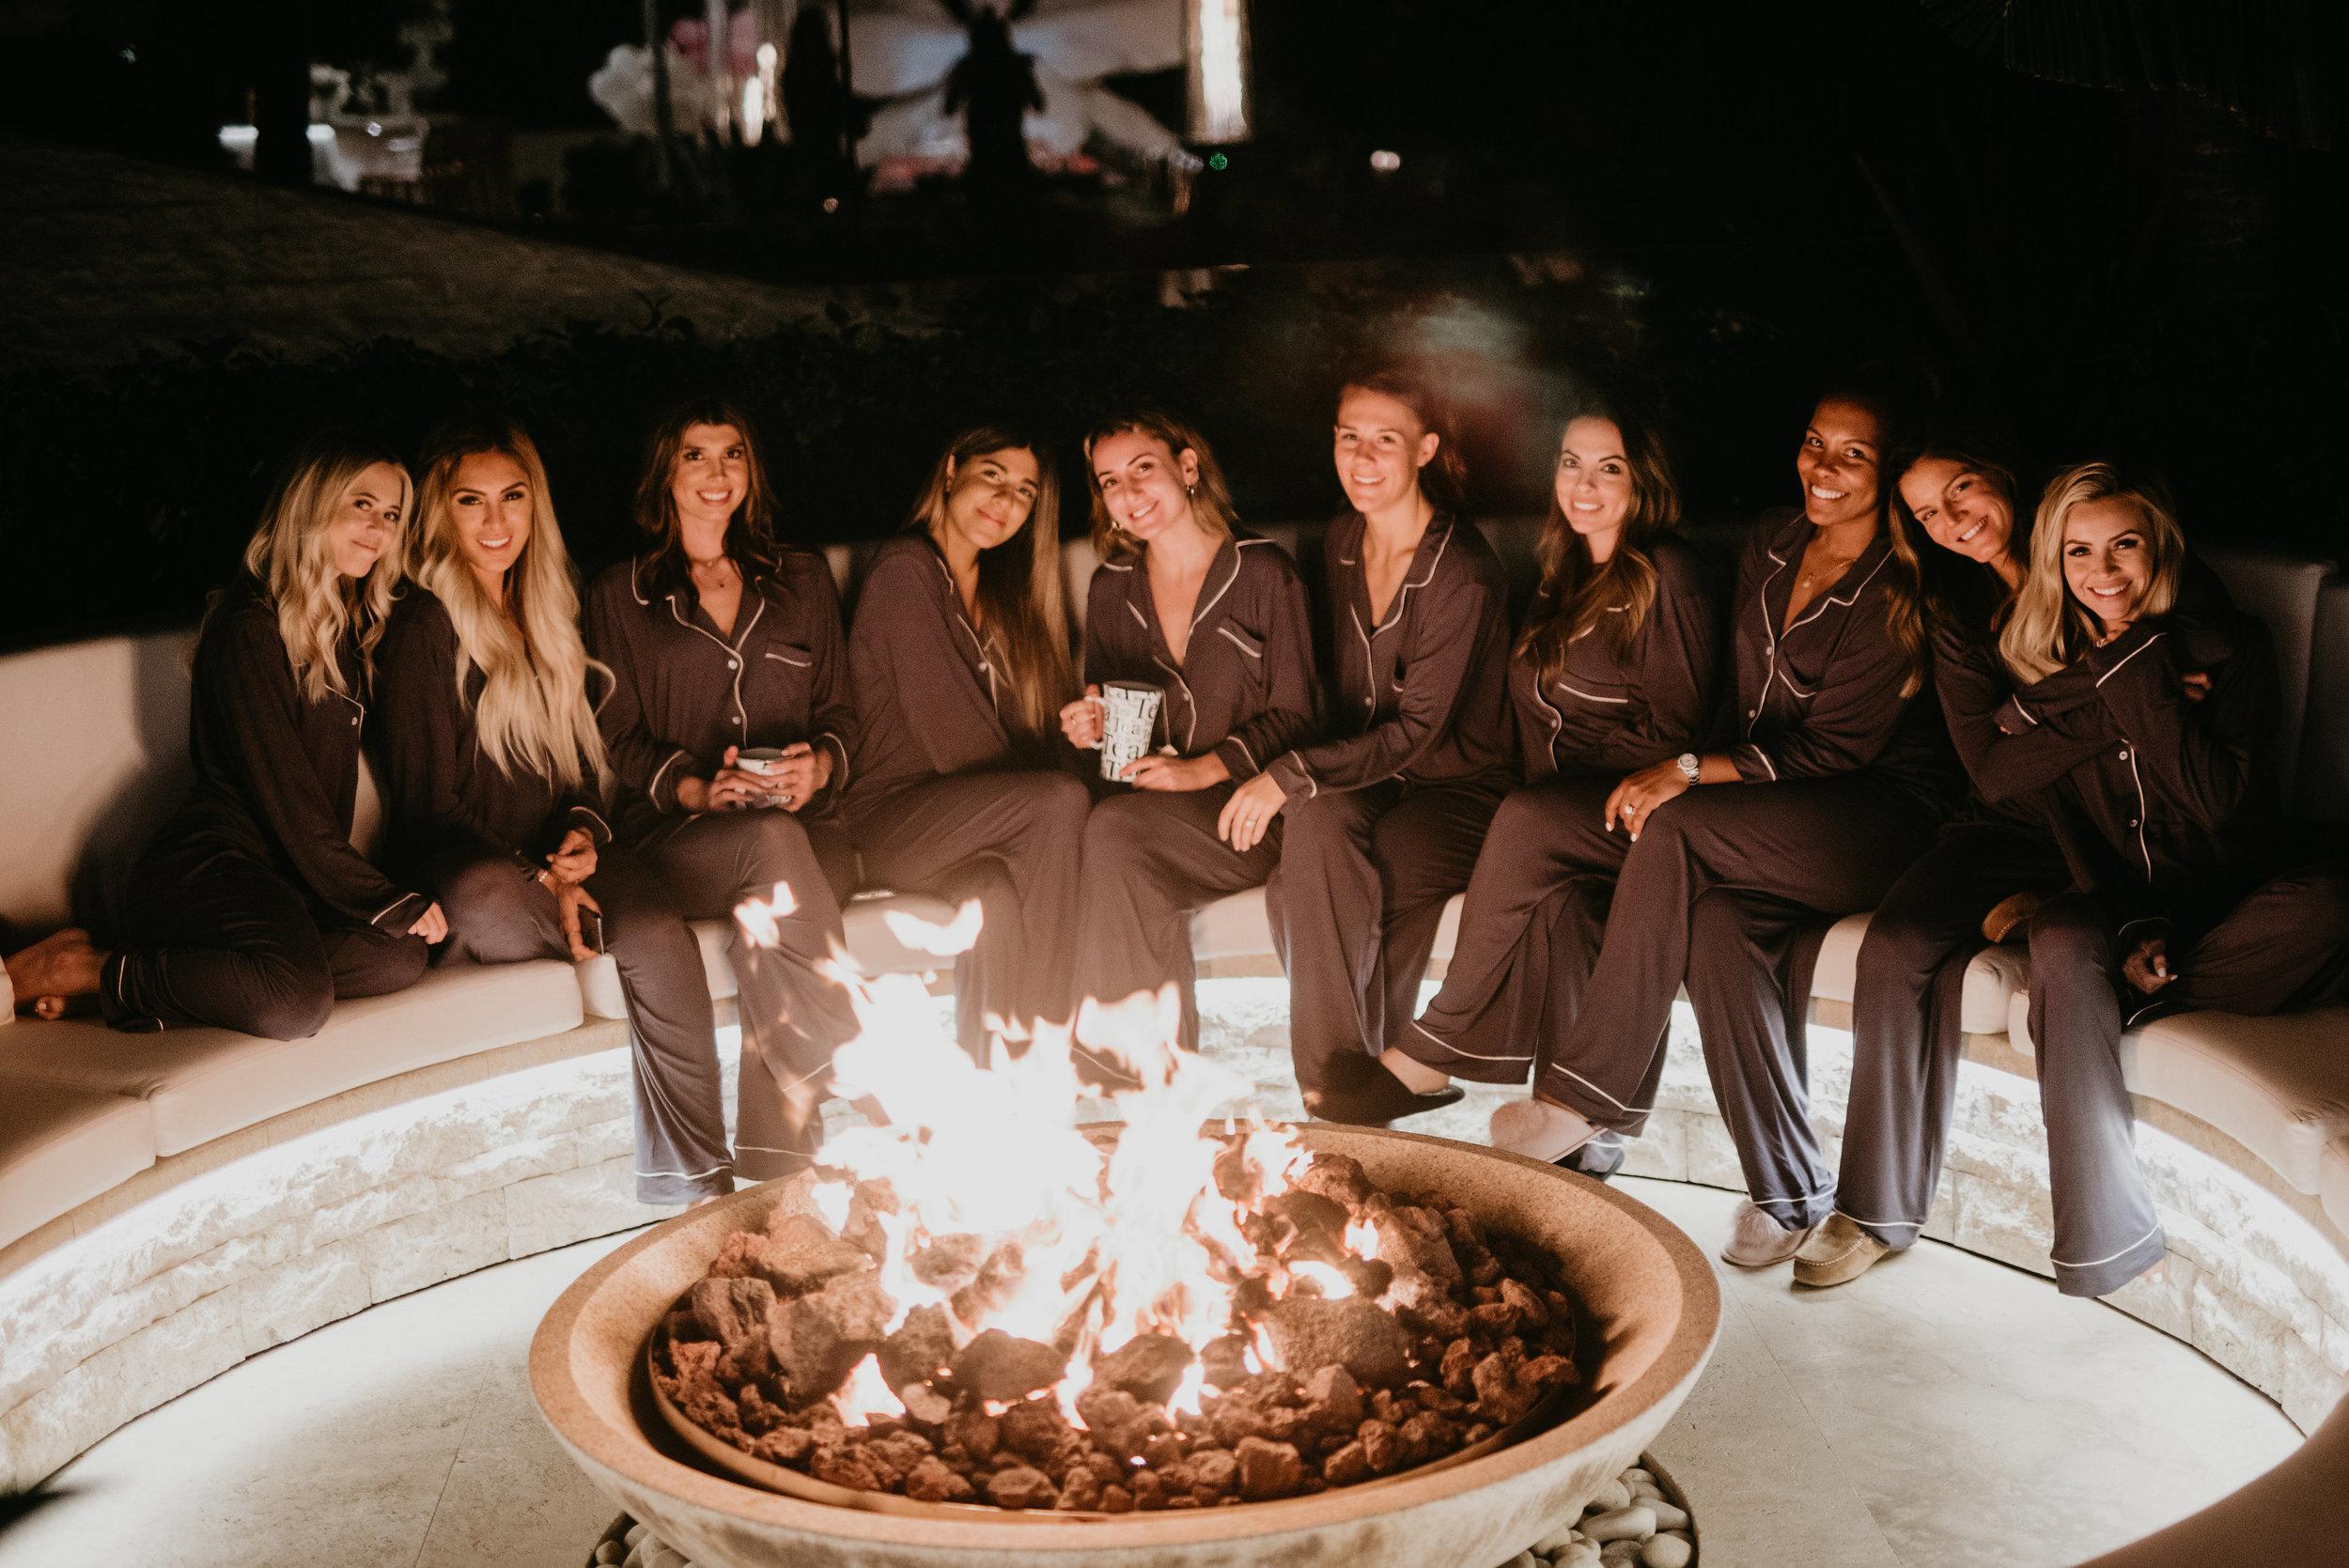 Fireside bonding on Laguna Beach